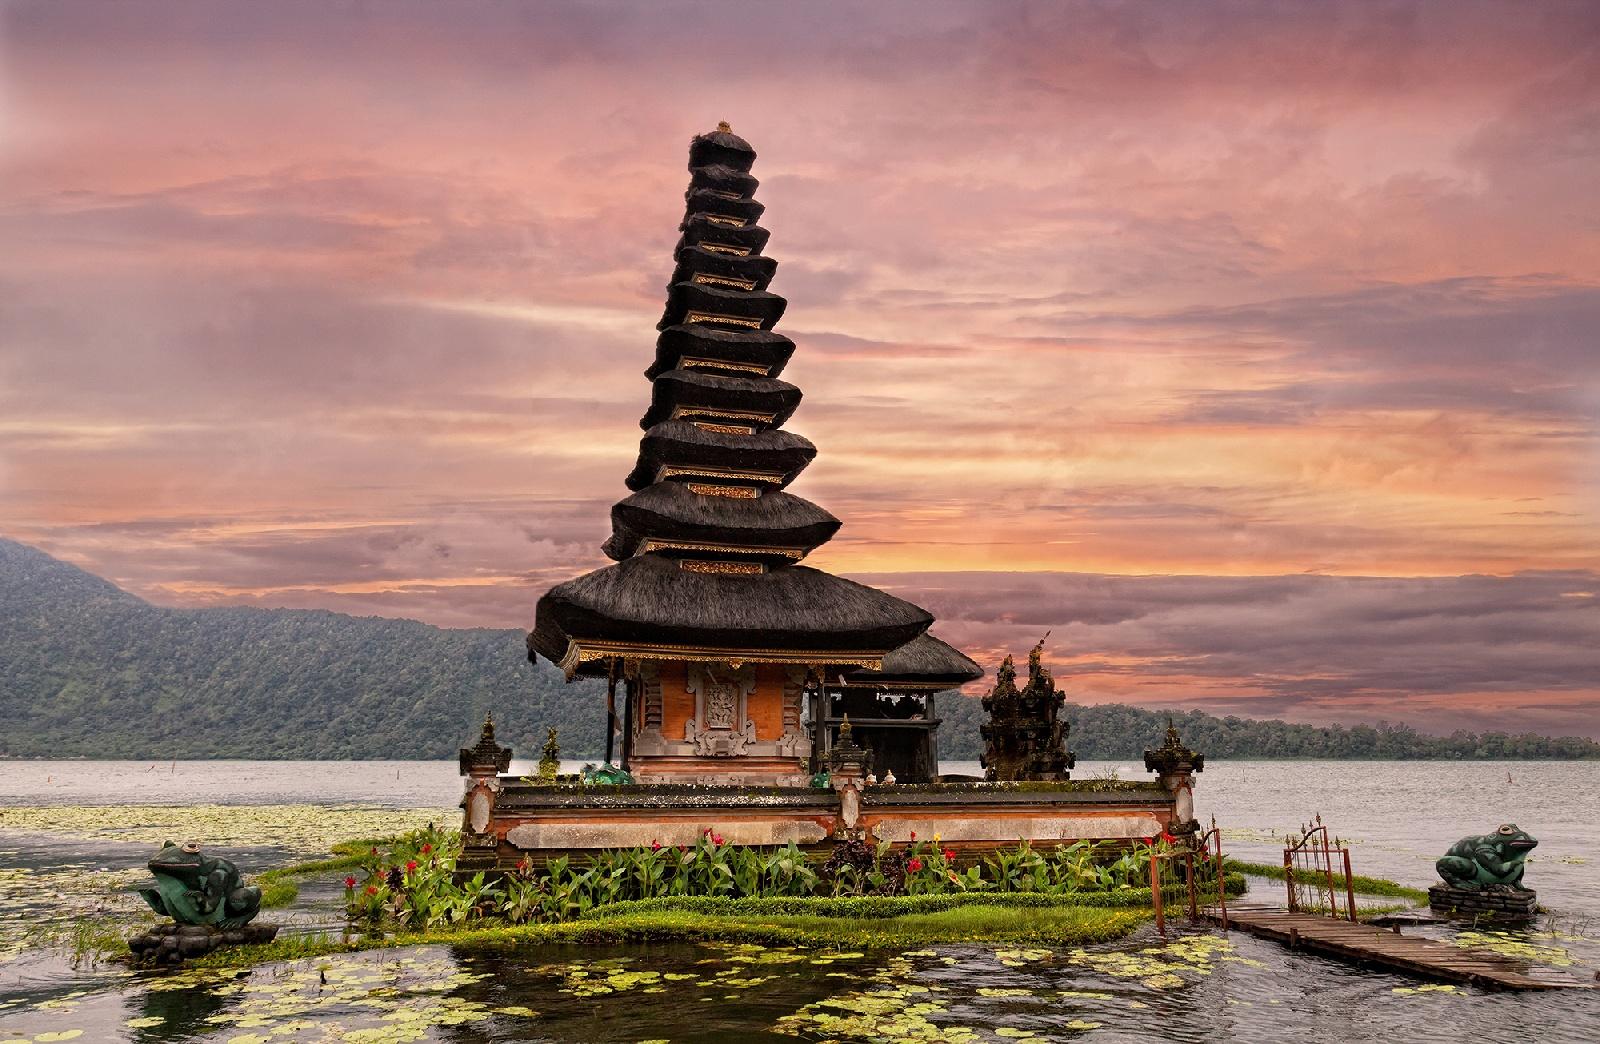 Храм на воде - Достопримечательность на Бали